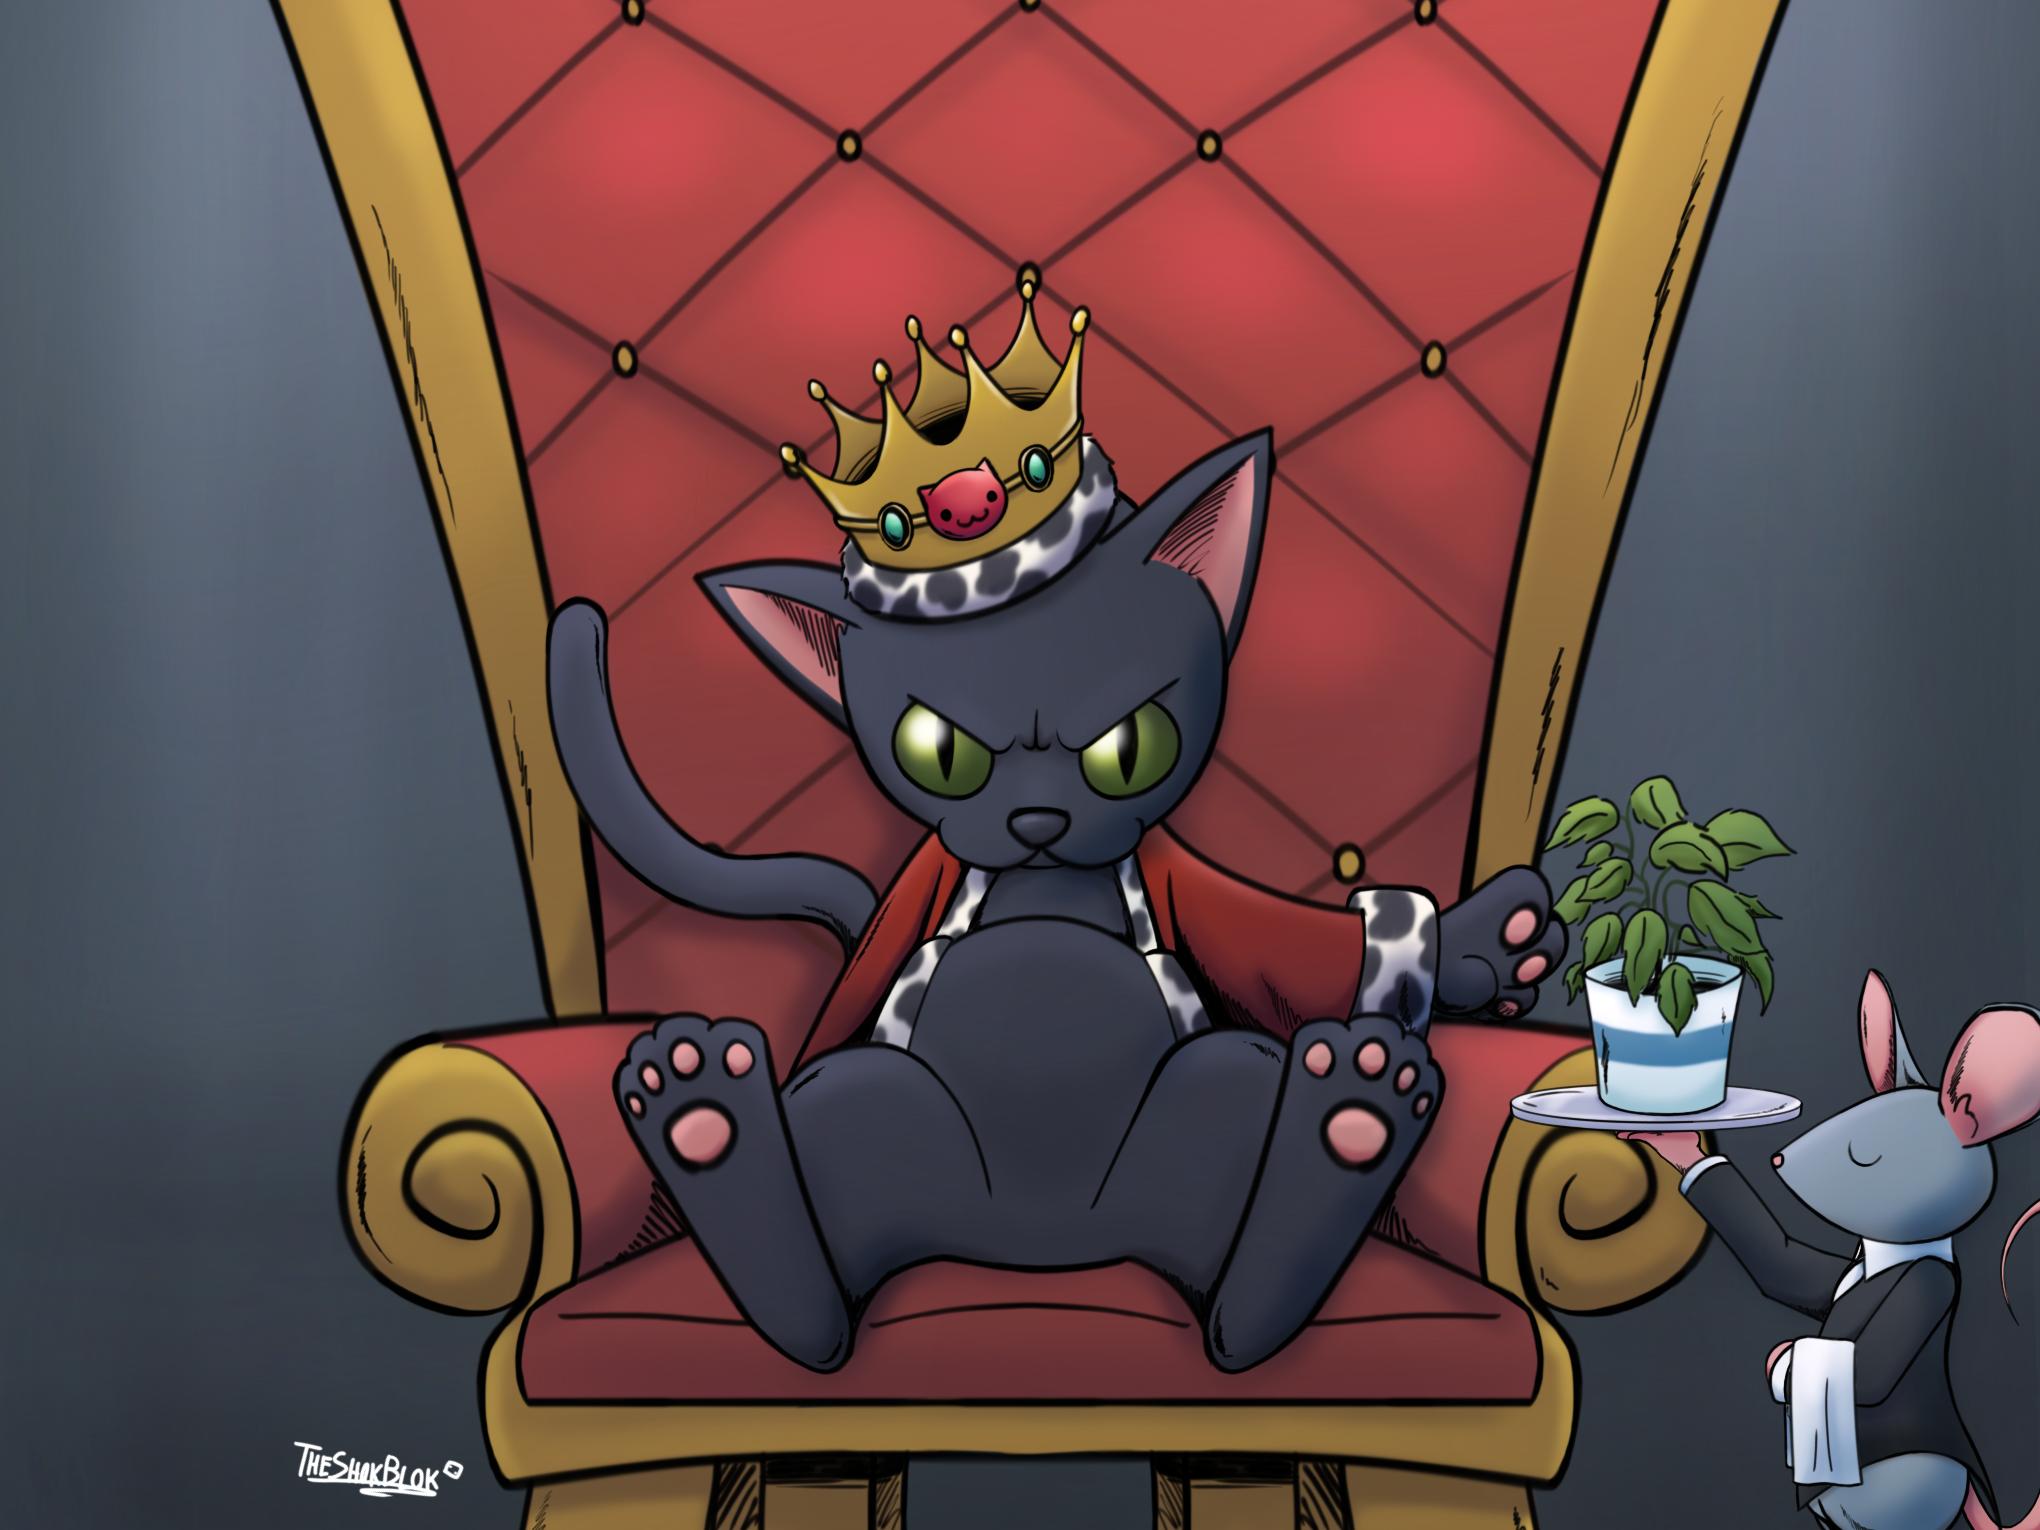 King neko